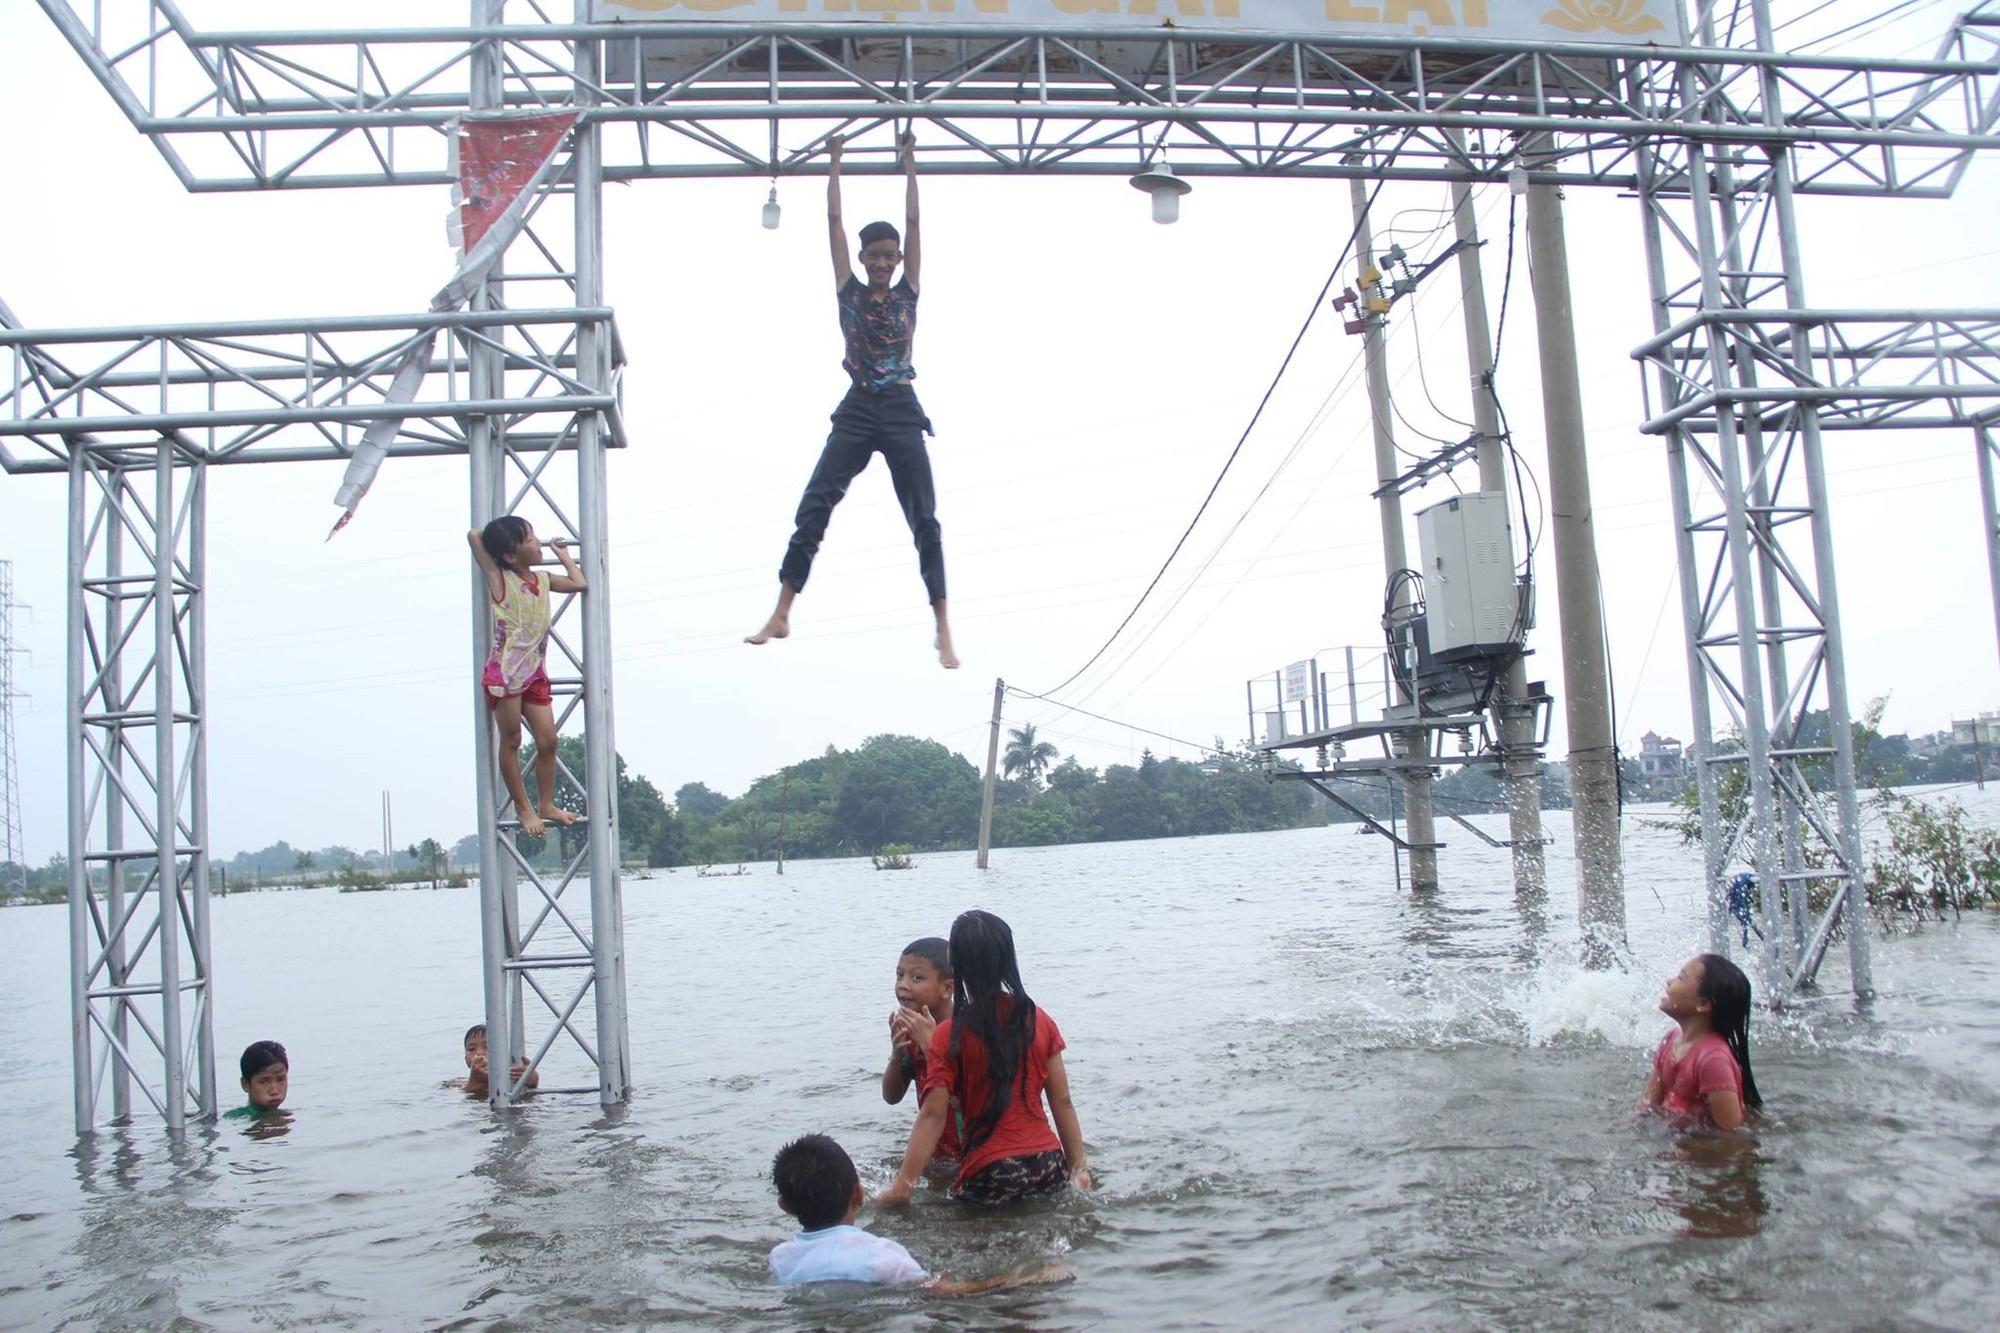 Đám trẻ đùa nghịch giữa vùng nước lụt bất chấp nguy hiểm.